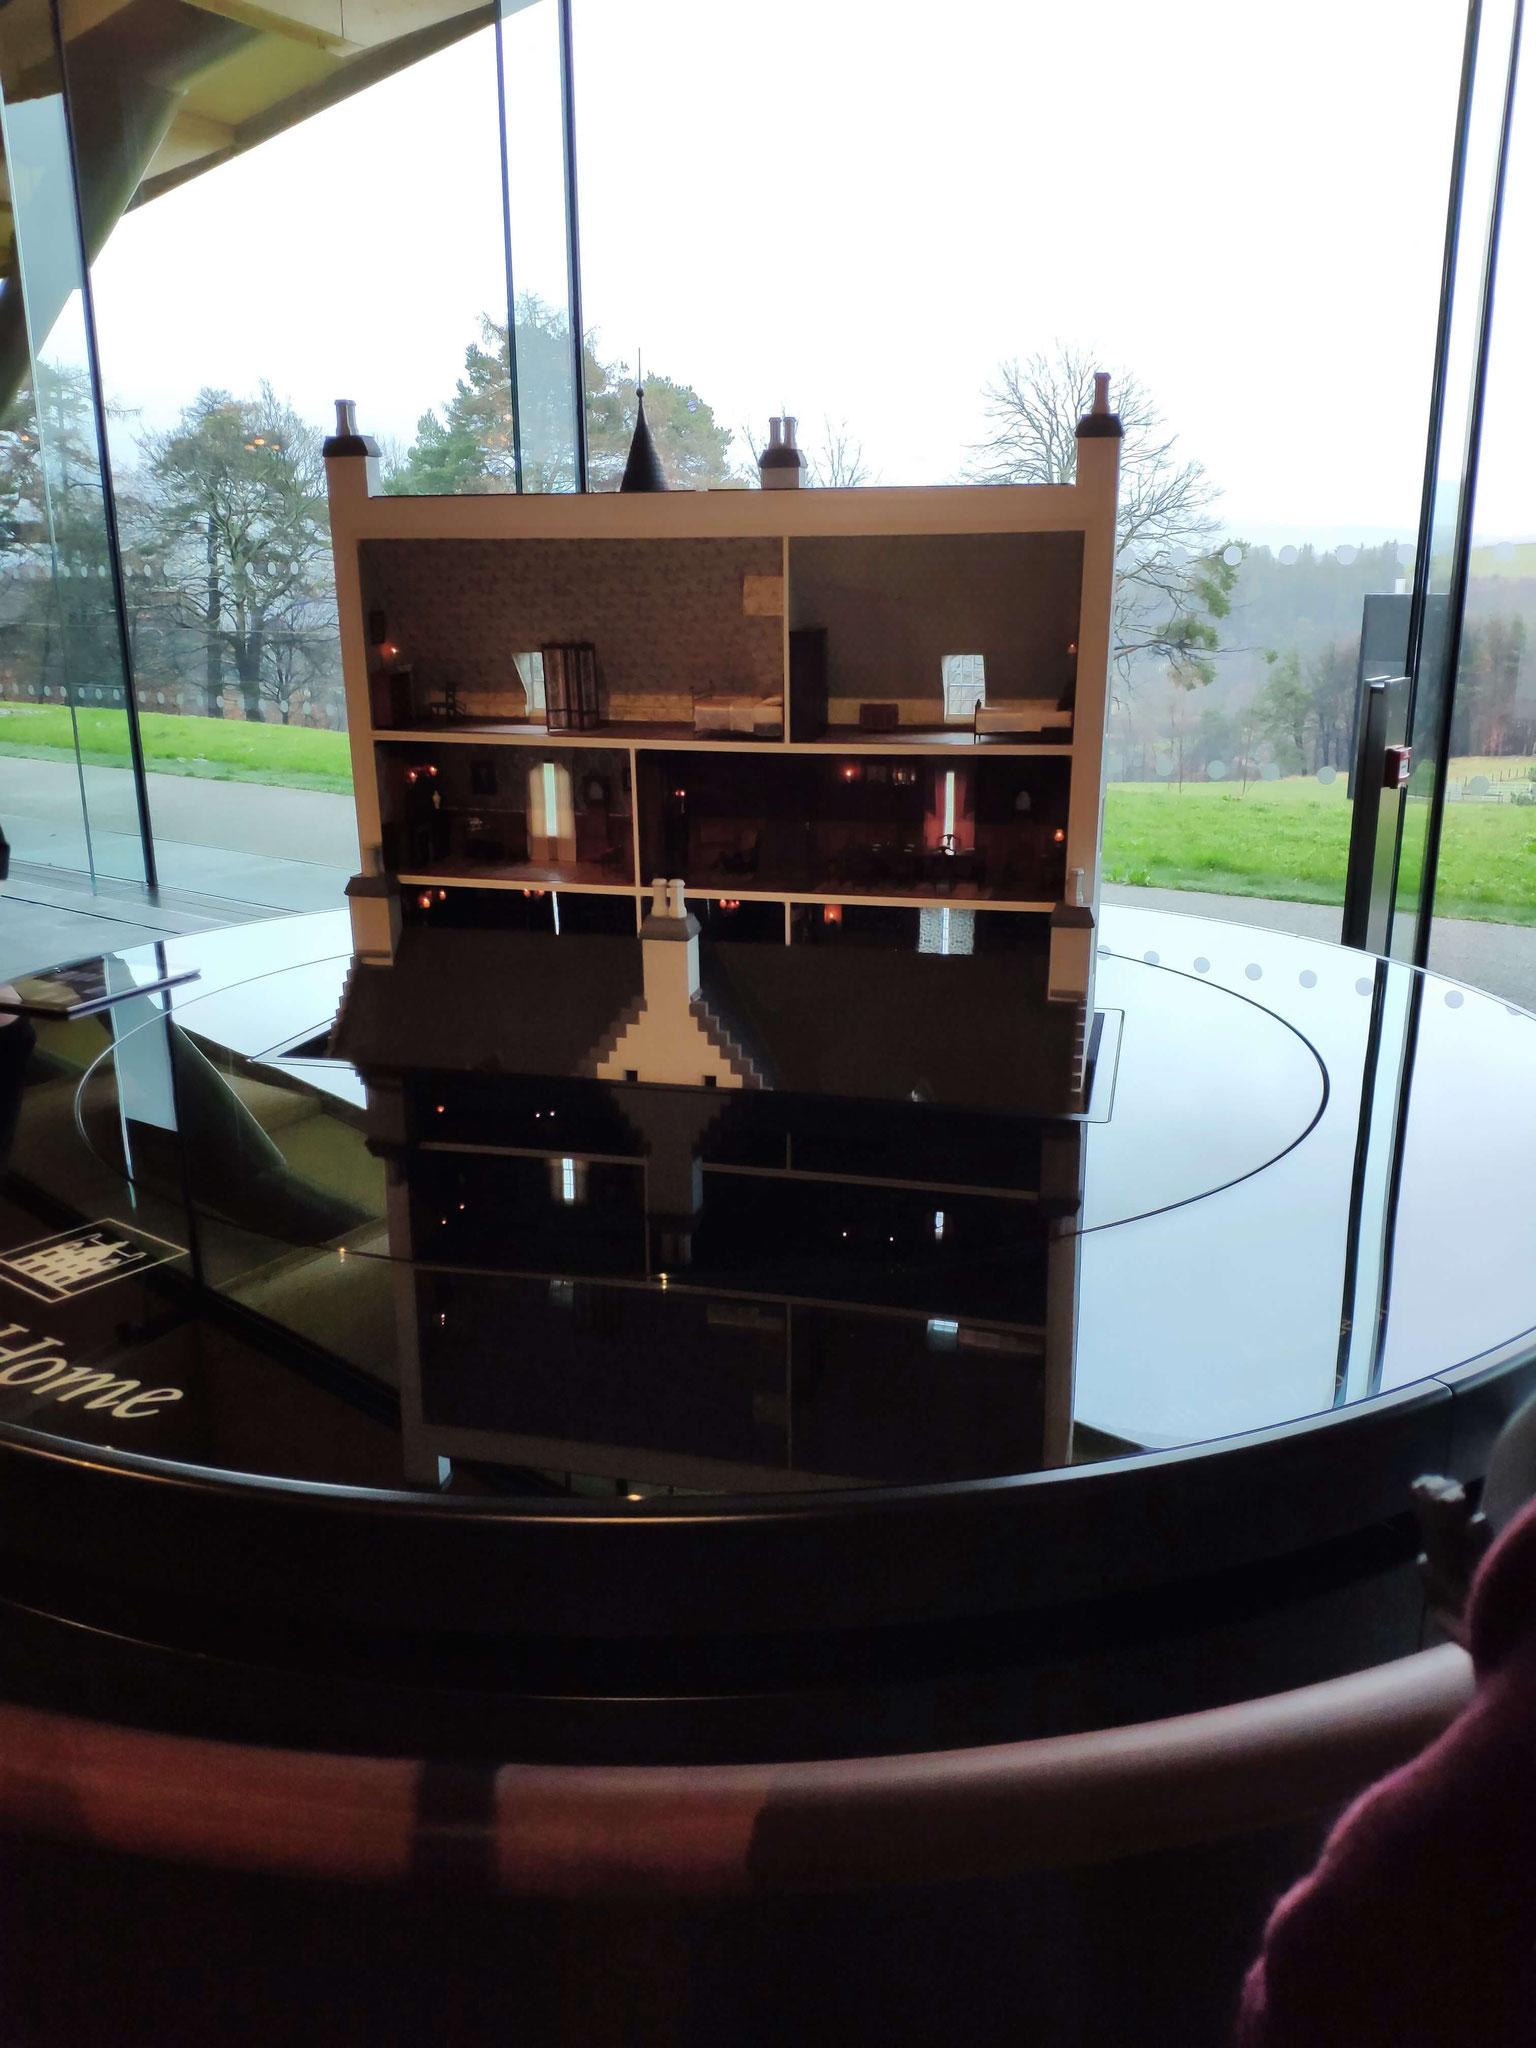 Die Tour geht mit einem Blick in den Ursprung der Brennerei los - inklusive Miniaturflasche!